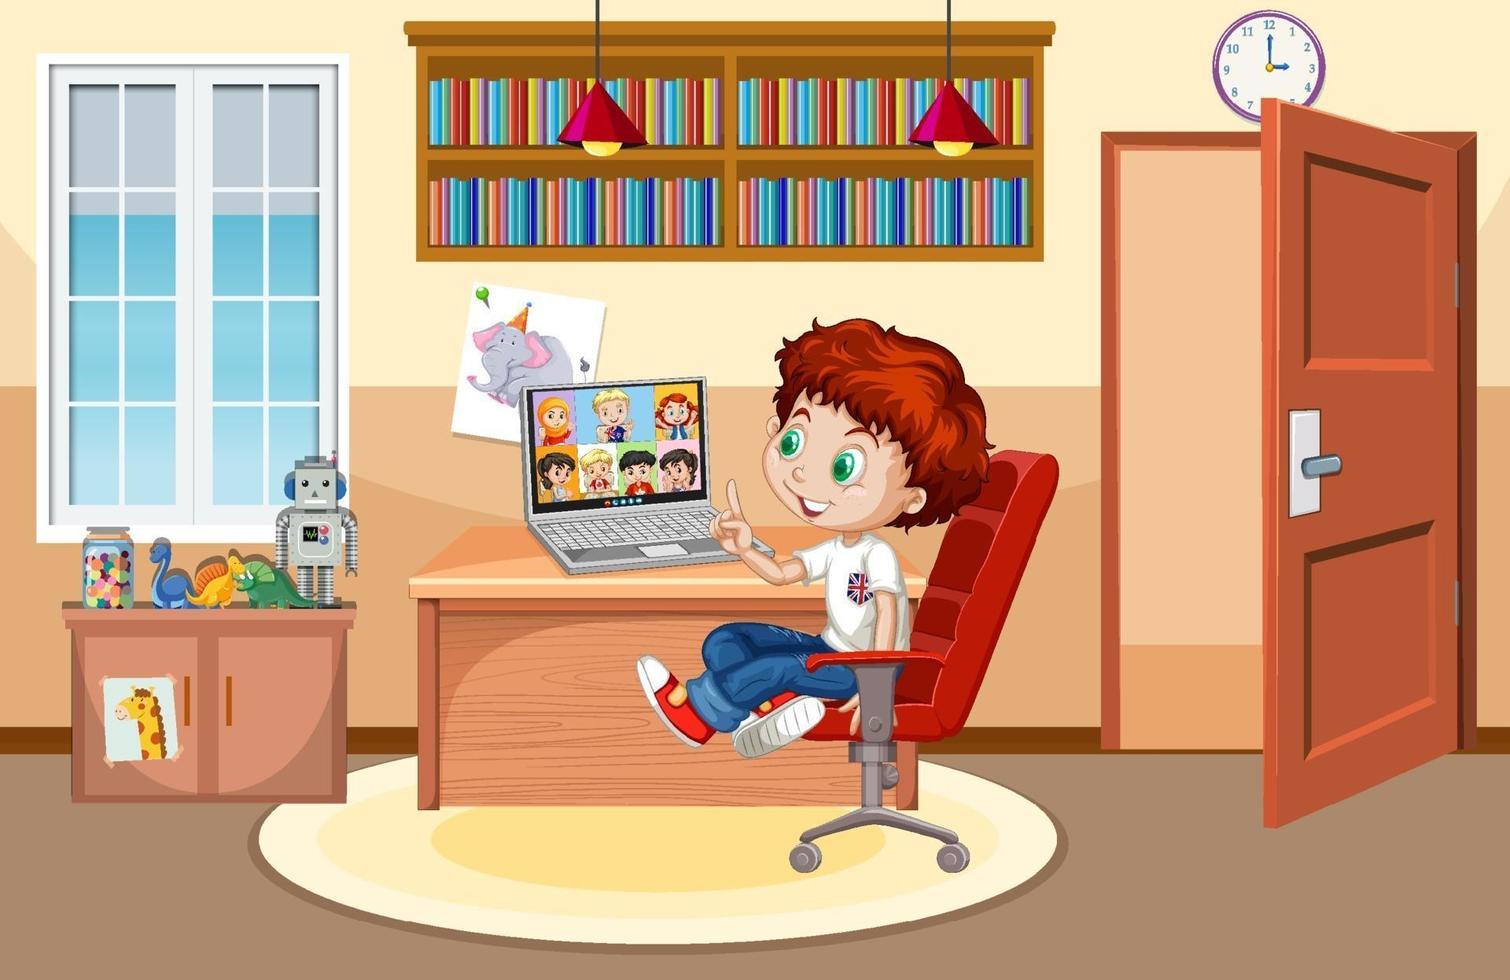 en pojke kommunicerar videokonferens med vänner hemma scen vektor